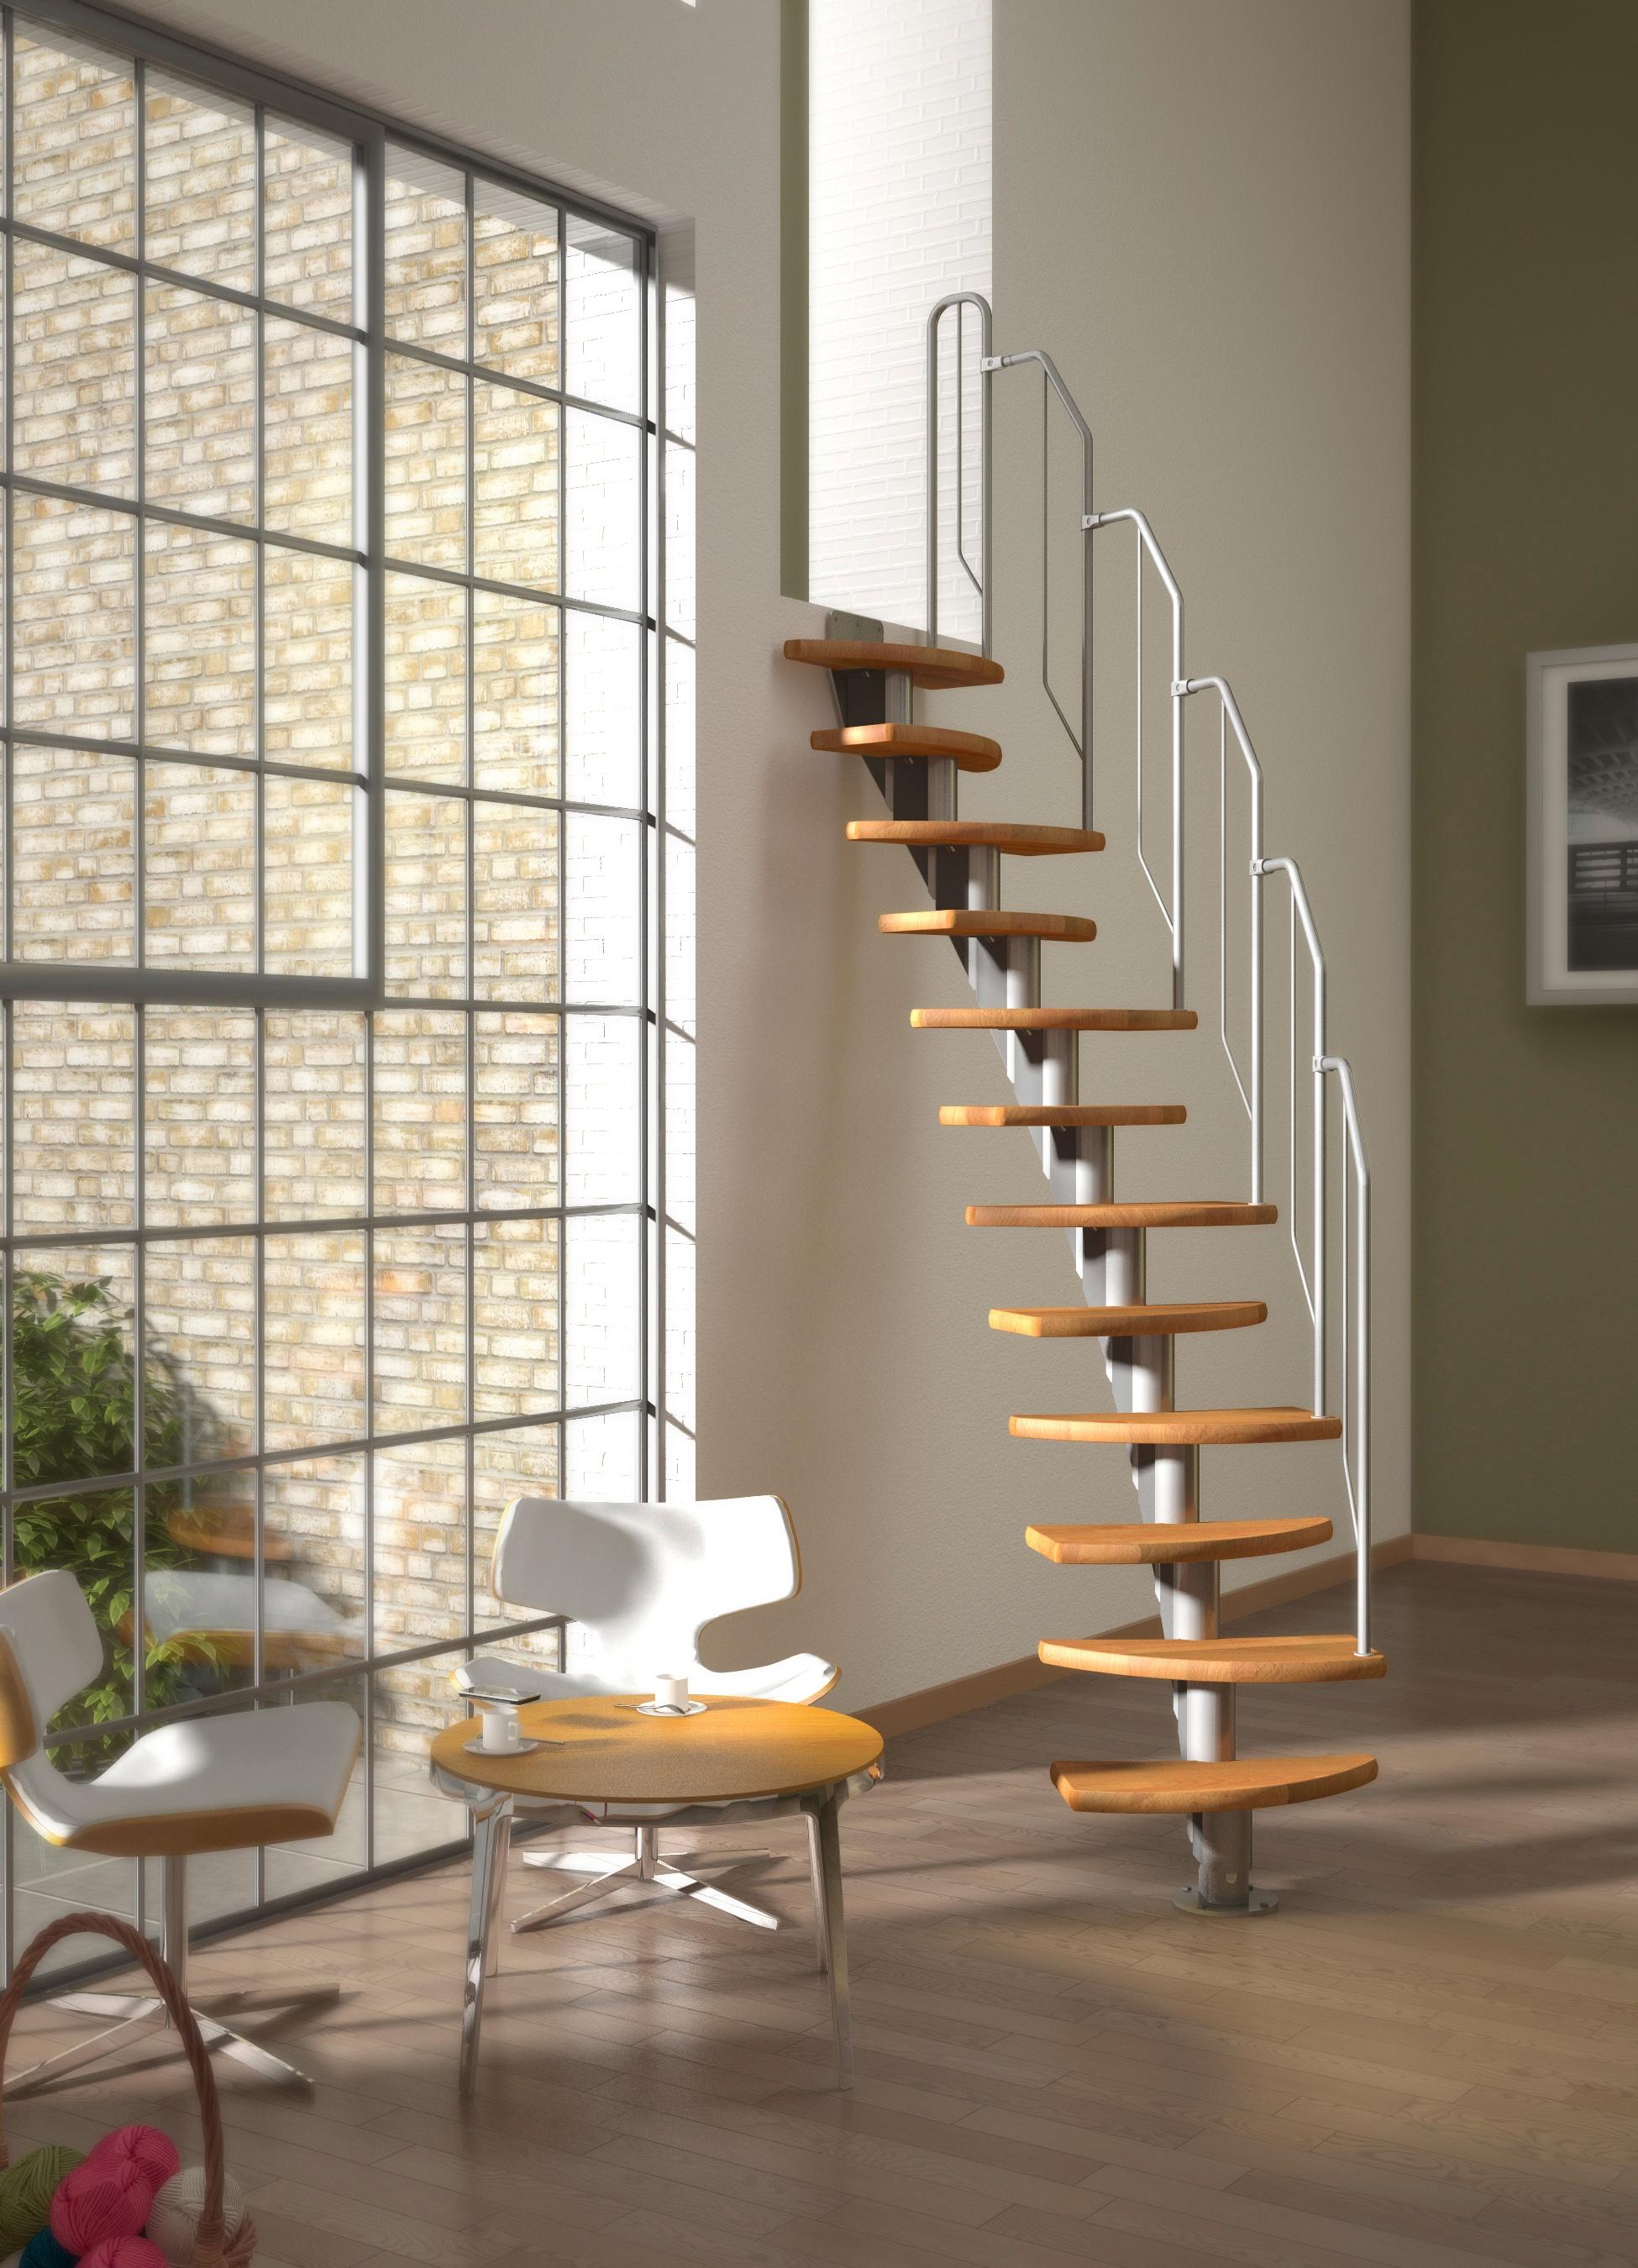 DOLLE Systemtreppe »Berlin«, Metallgeländer und -handlauf, Buche, BxH: 64x247 cm | Baumarkt > Leitern und Treppen > Treppen | Grau | DOLLE